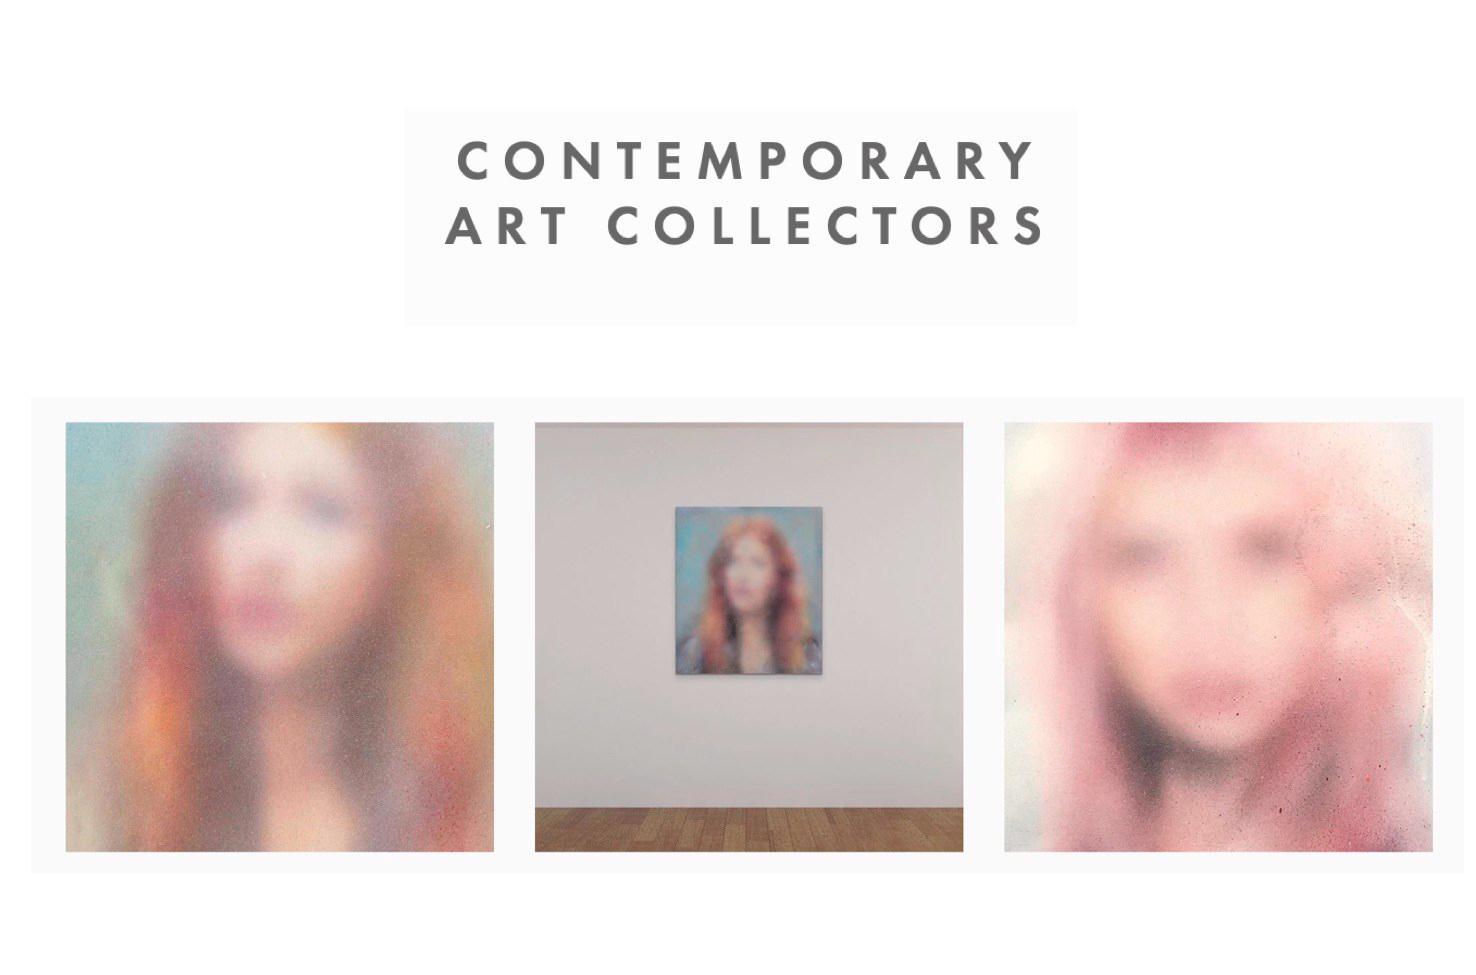 Contemporary art collectors